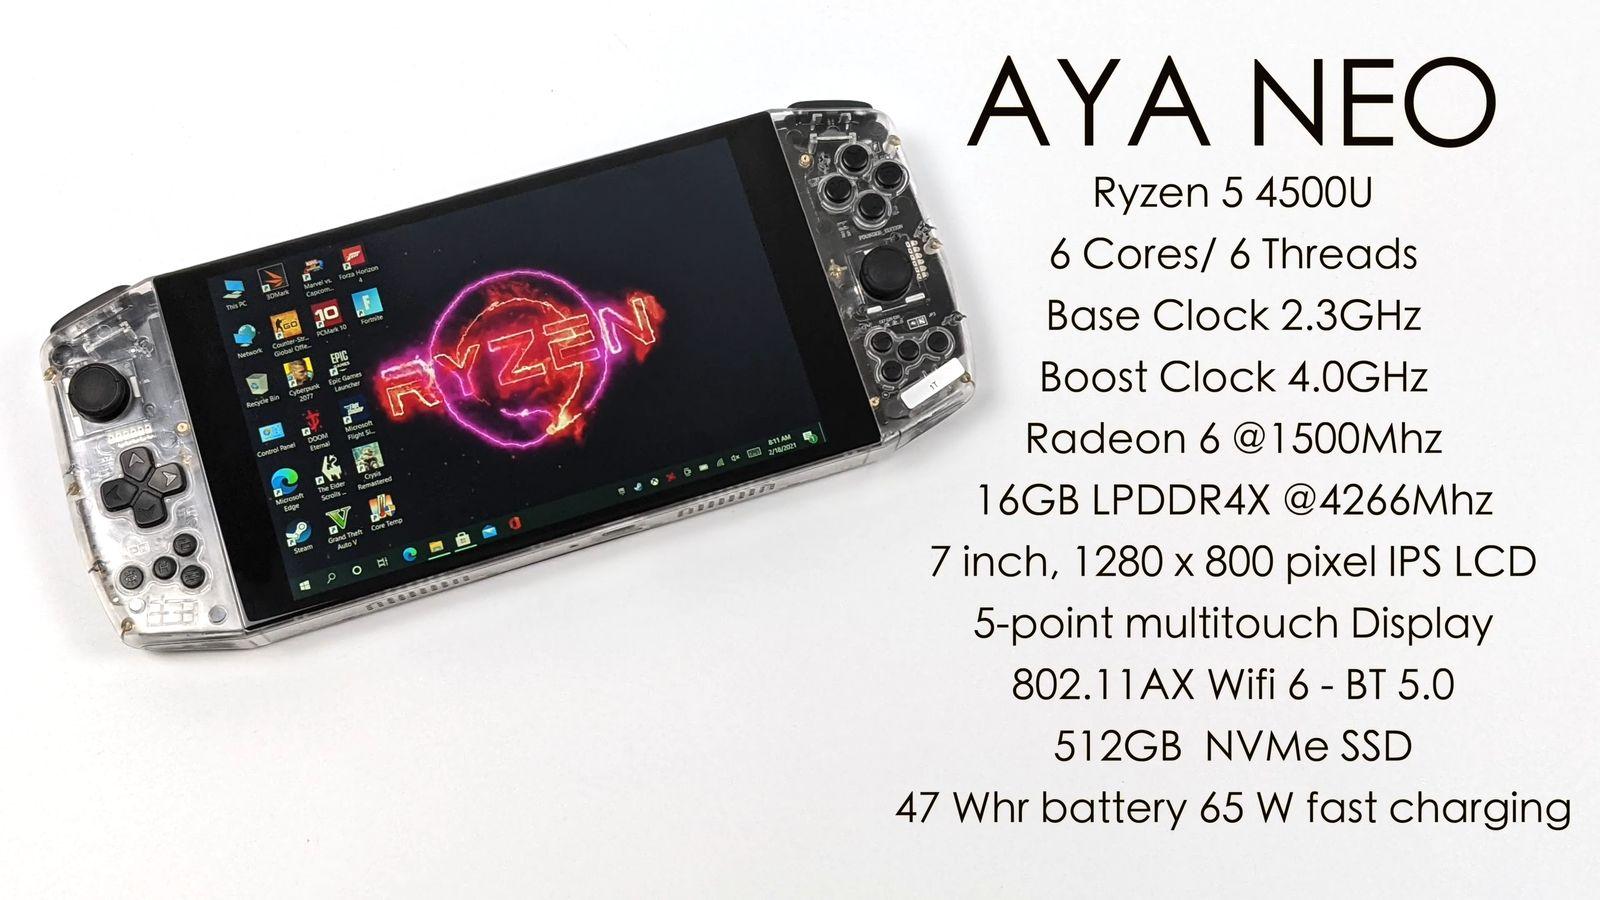 Портативная консоль Aya Neo на базе Ryzen 5 4500U вышла в Китае